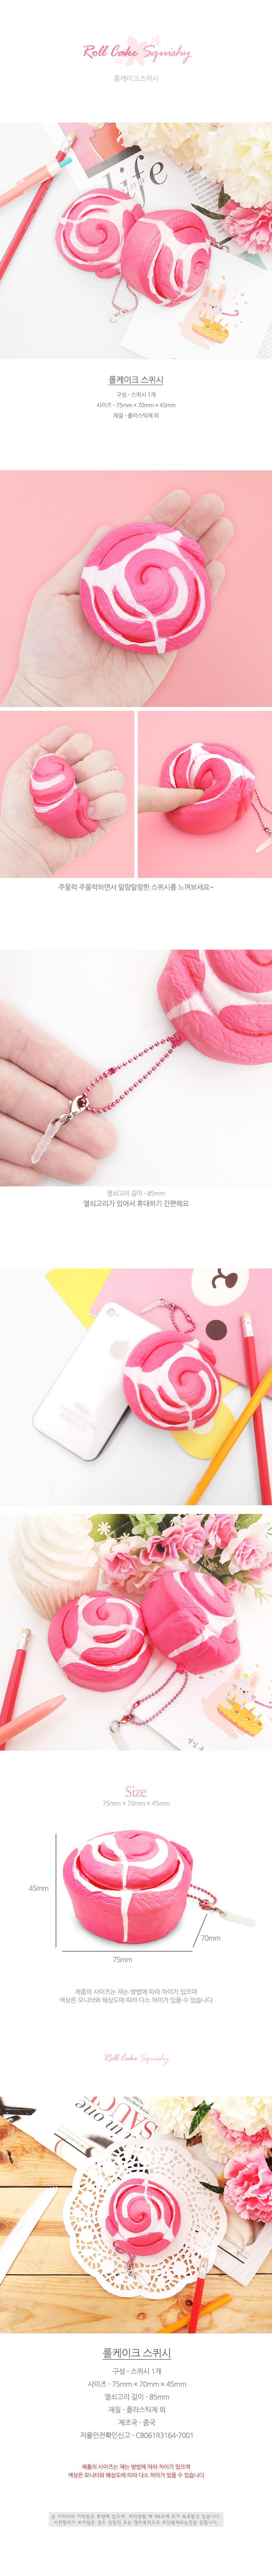 롤케이크 스퀴시 - 투영, 10,000원, 아이디어 상품, 아이디어 상품